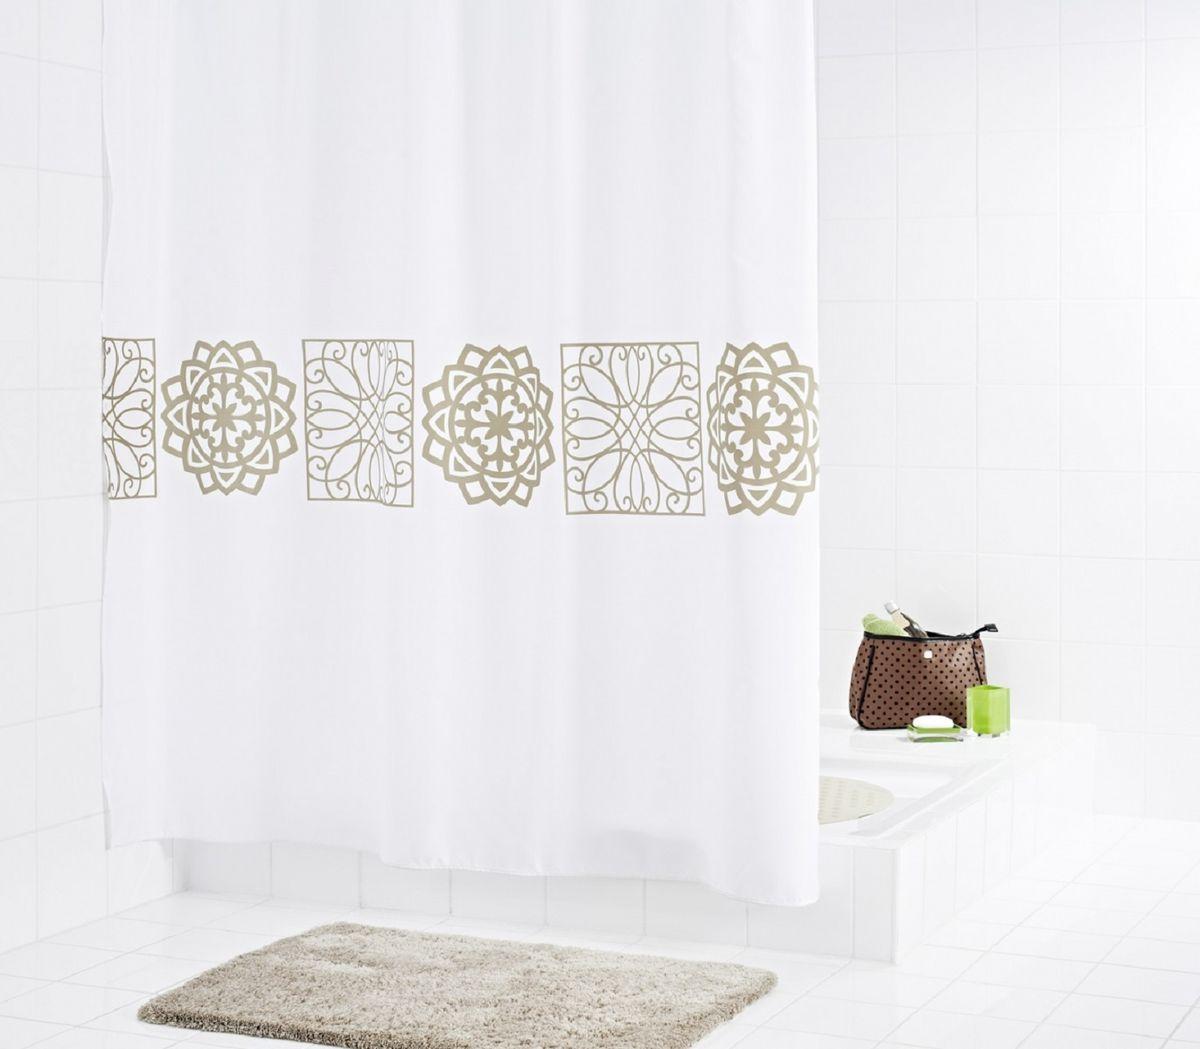 Штора для ванной комнаты Ridder Tunis, цвет: бежевый, коричневый, 180 х 200 см46359Штора для ванной комнаты Ridder Tunis, изготовленная из текстиля с антигрибковым и антистатическим покрытием, отлично дополнит любой интерьер ванной комнаты. Нижний кант утяжелен каучуковой лентой. Машинная стирка. Глажка при низкой температуре.